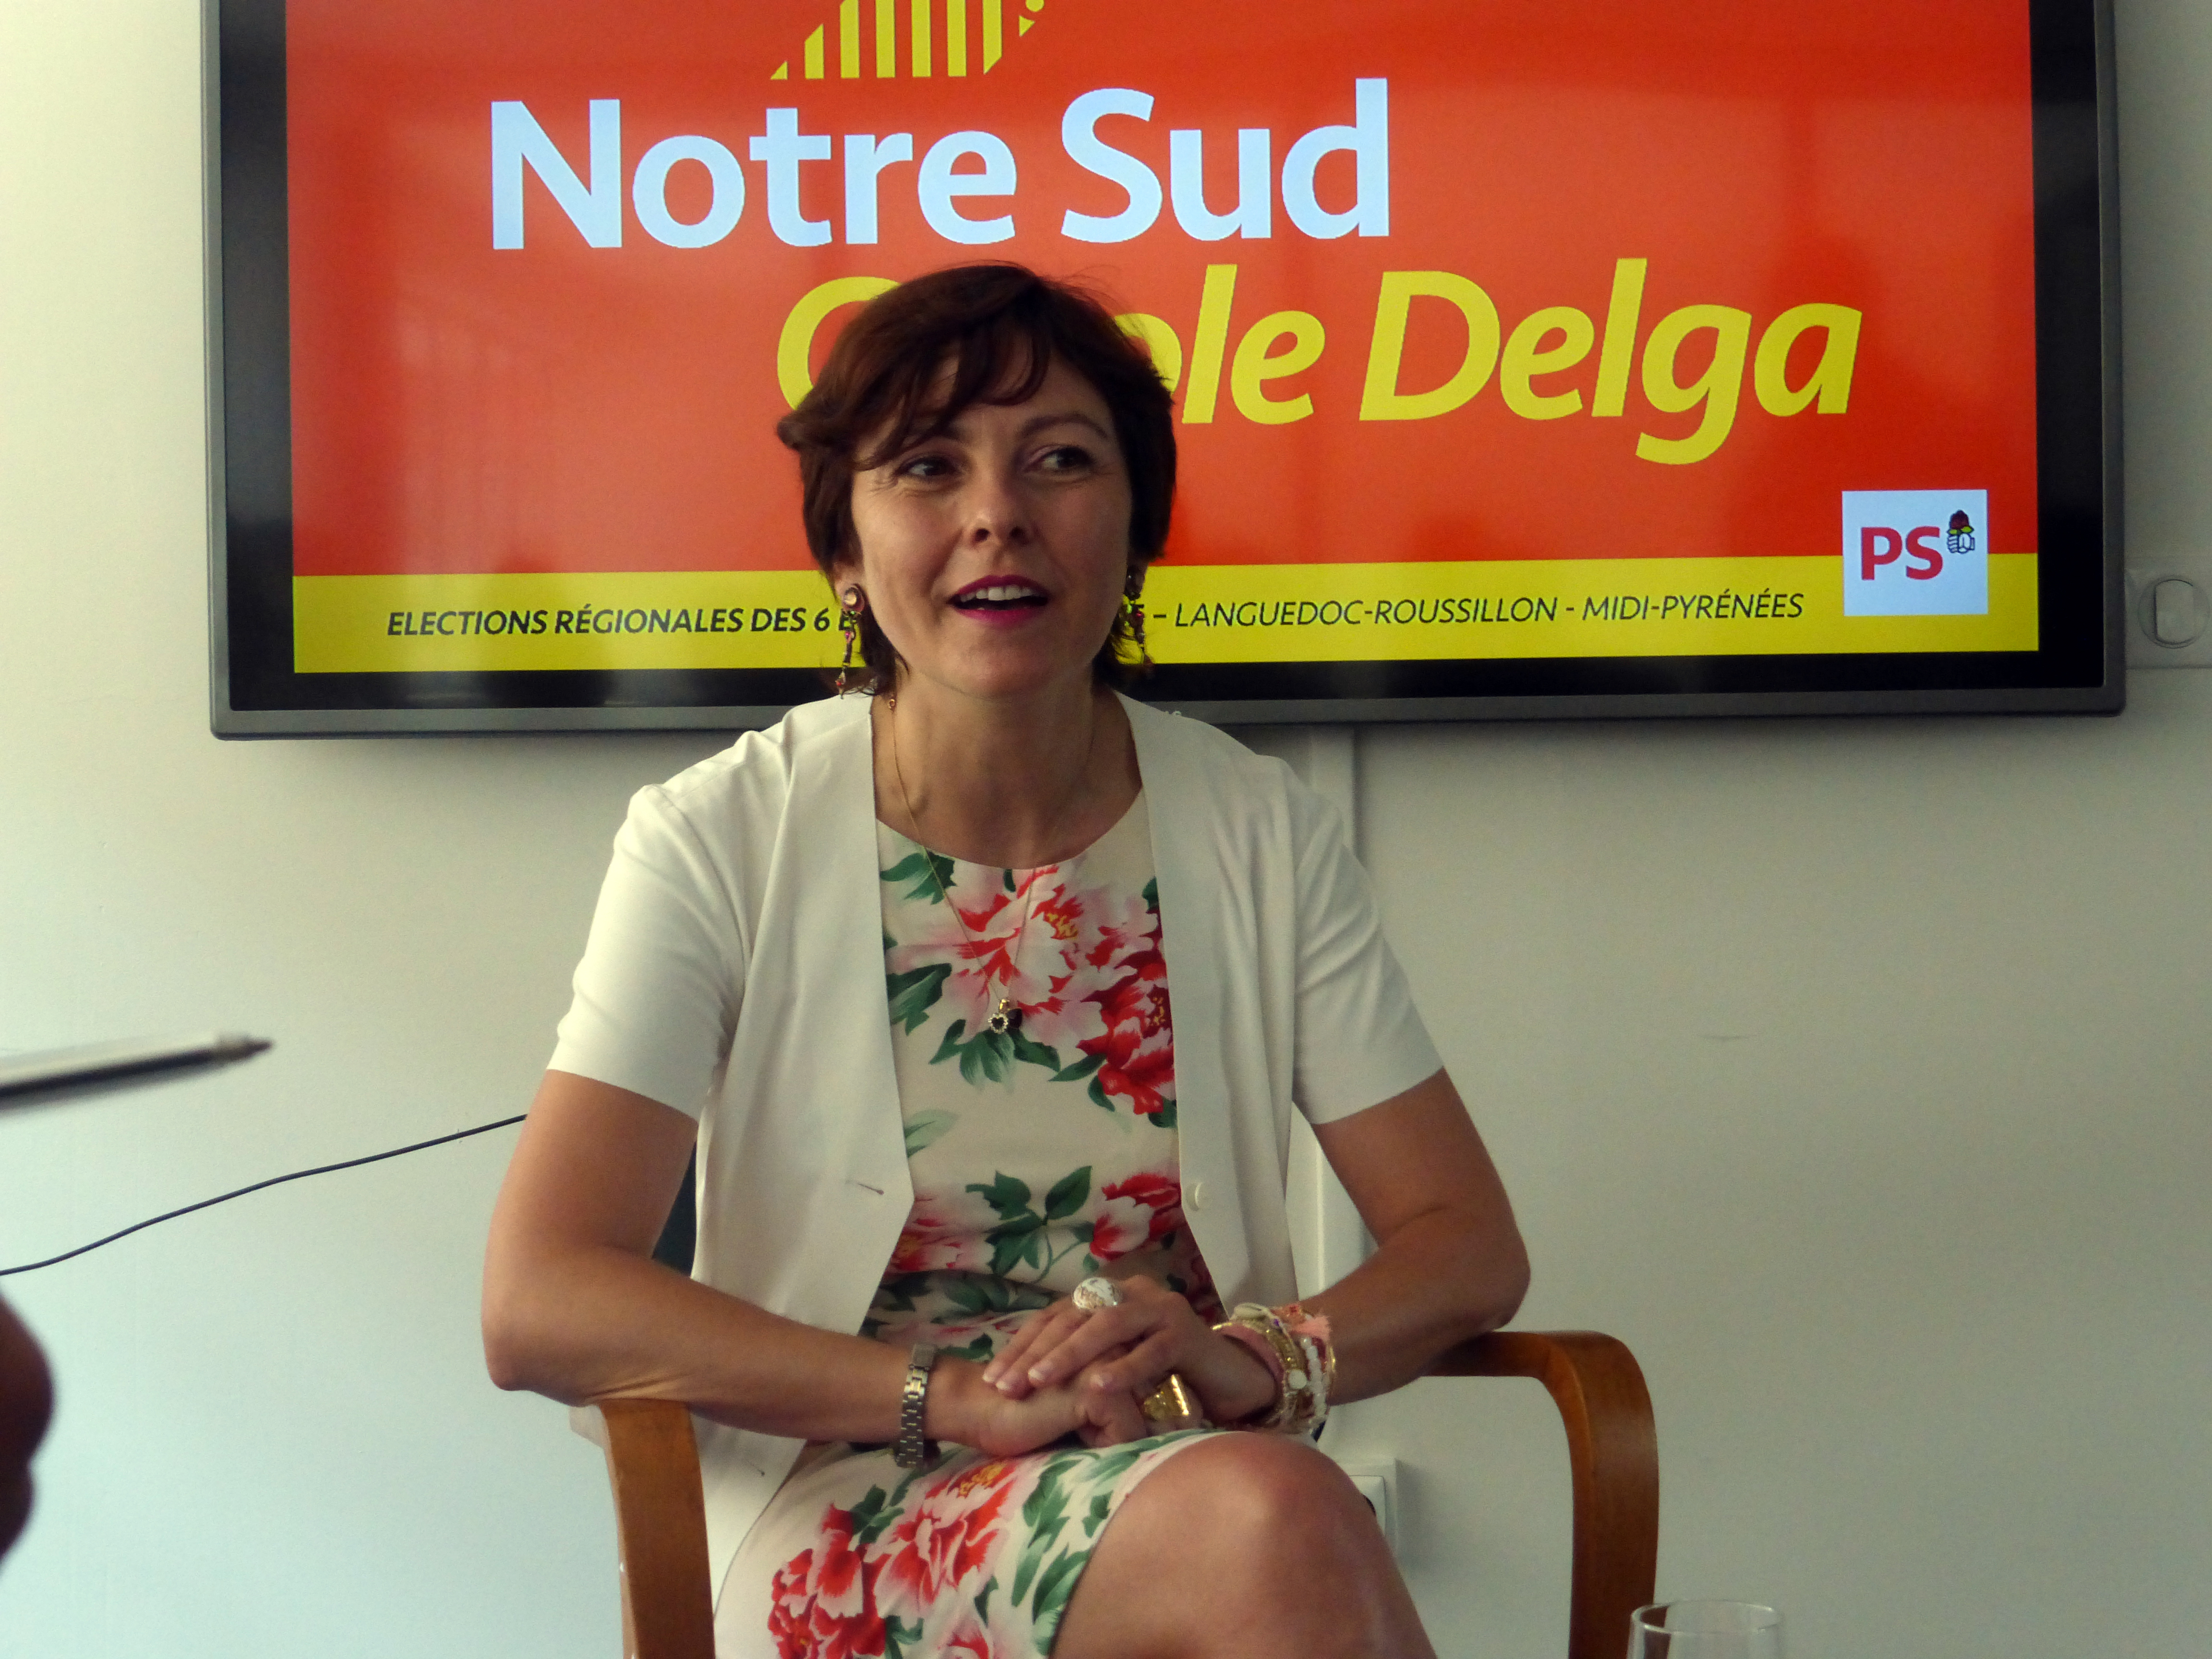 Carole Delga aux militants venus la soutenir « le réseau social de notre Sud c'est vous. » Photo JMDI